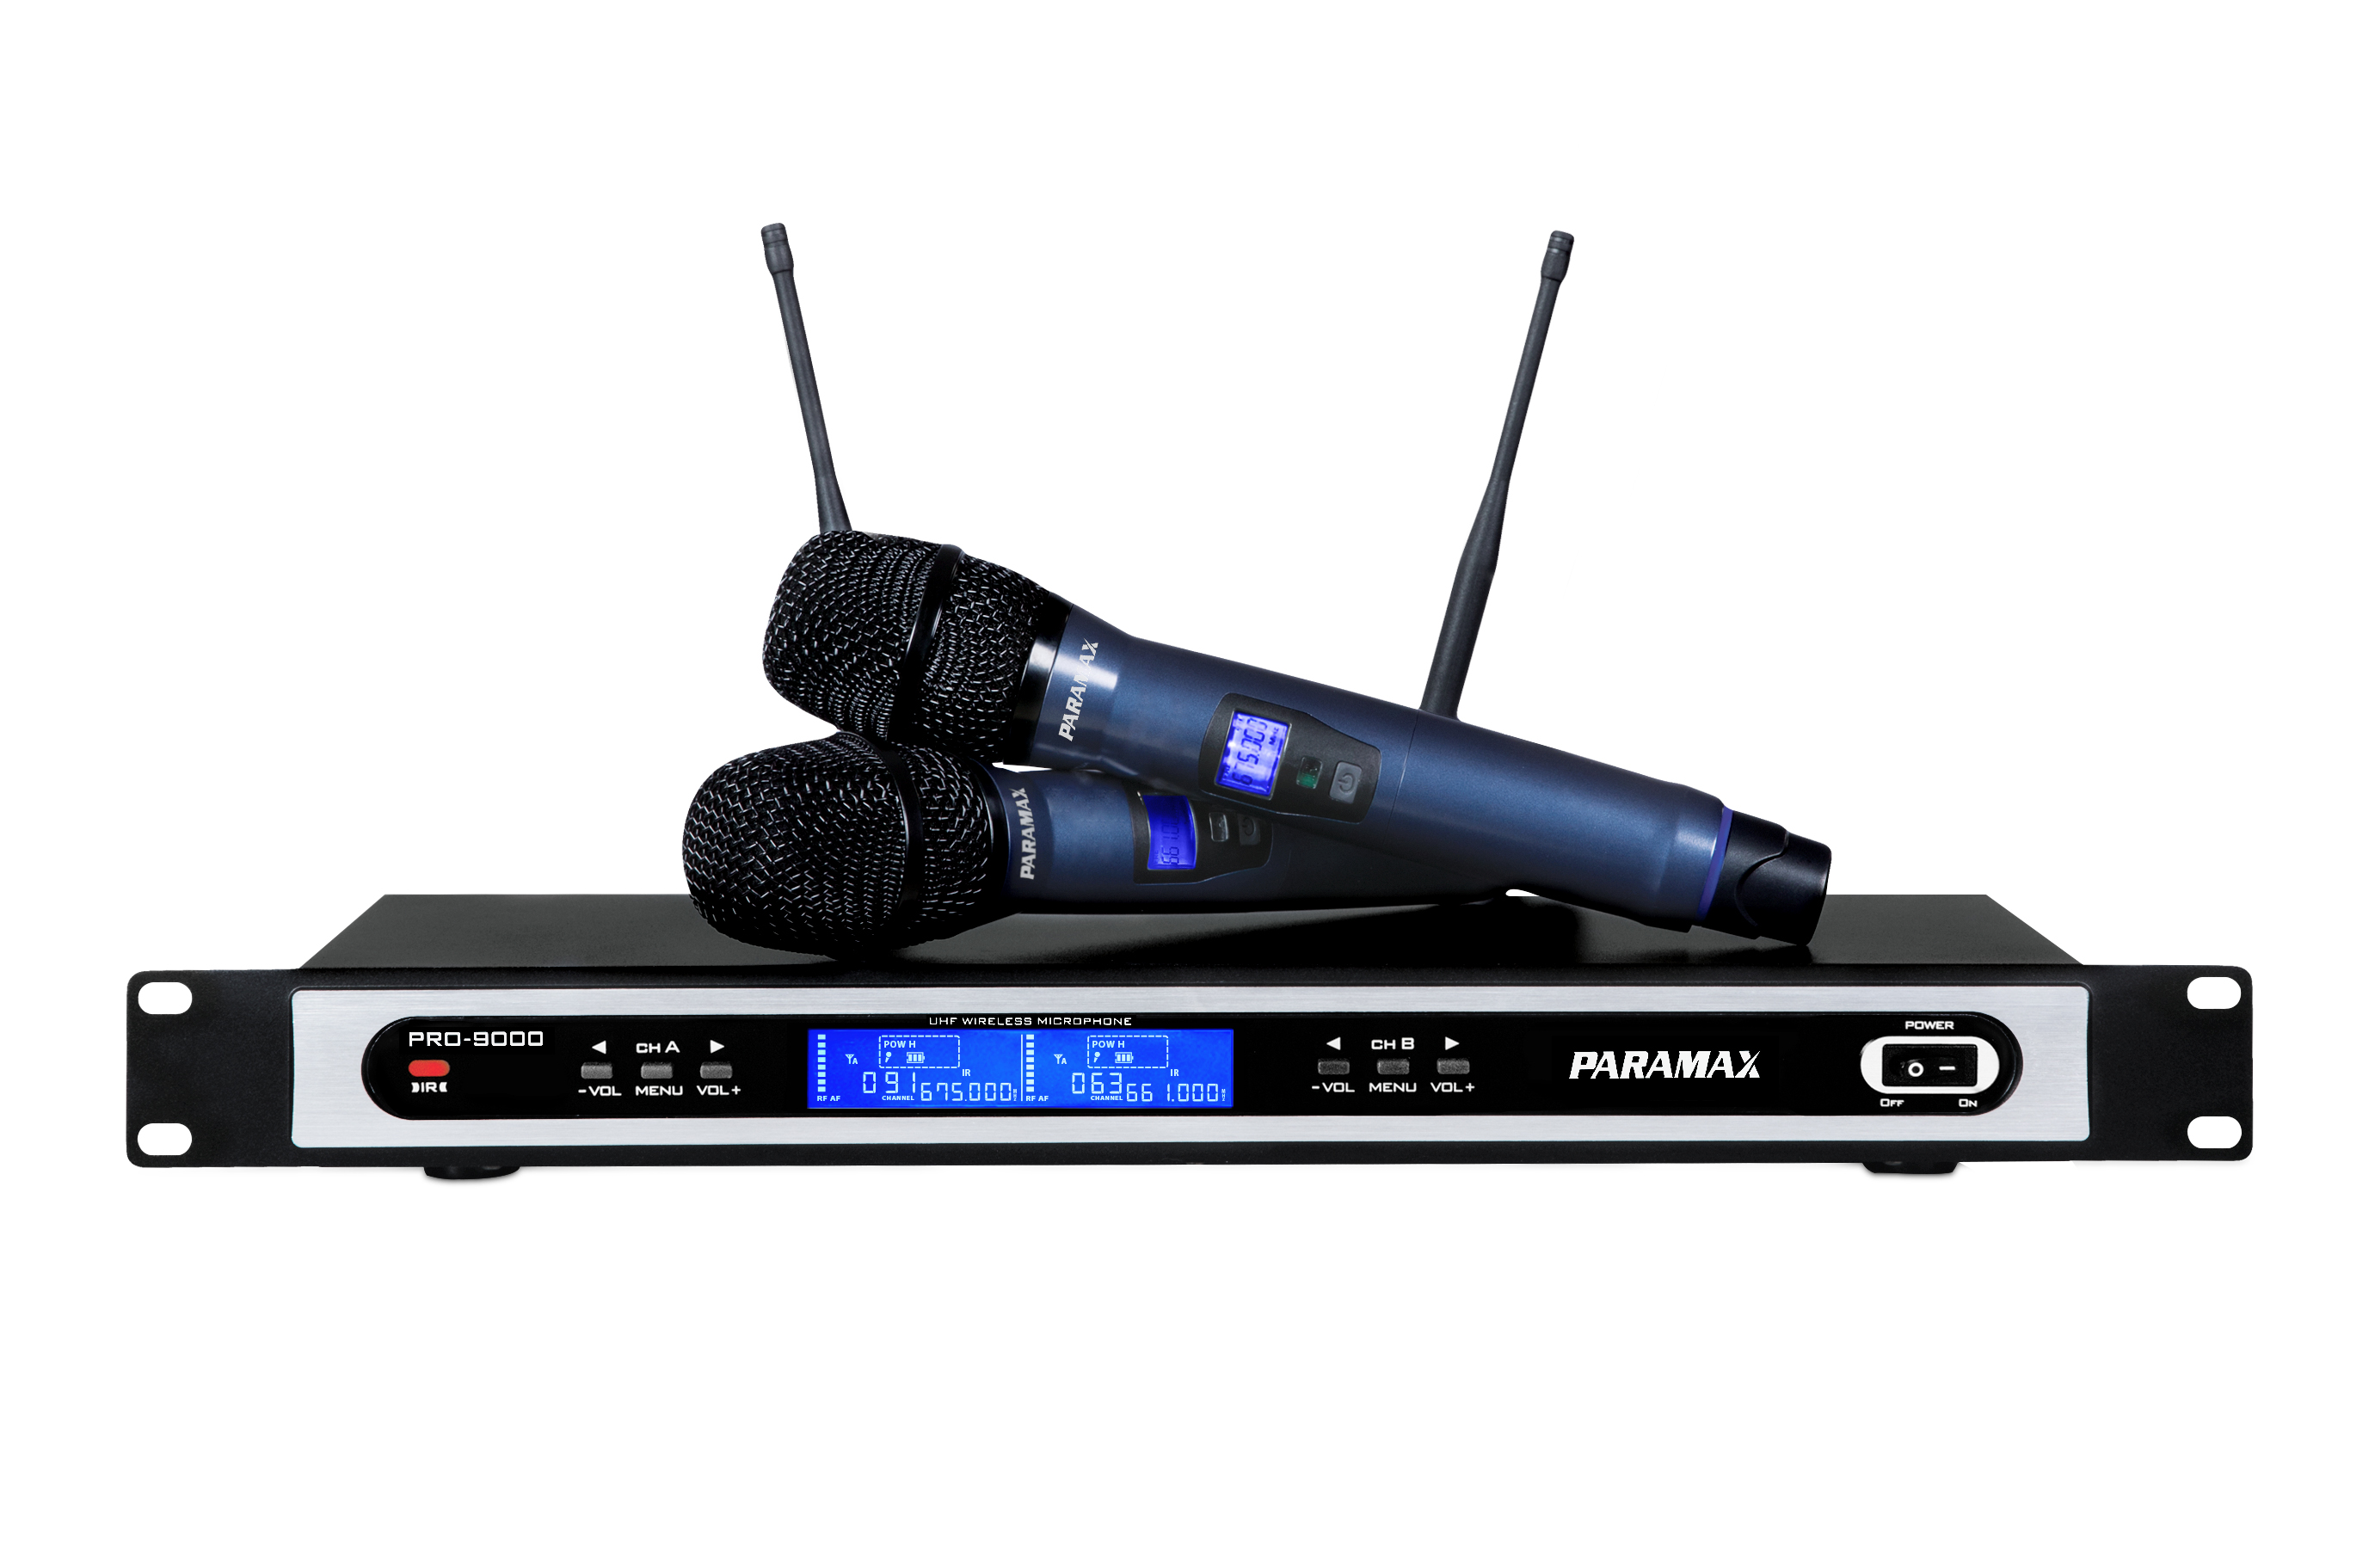 Míc Paramax PRO 9000 - Hàng chính hãng